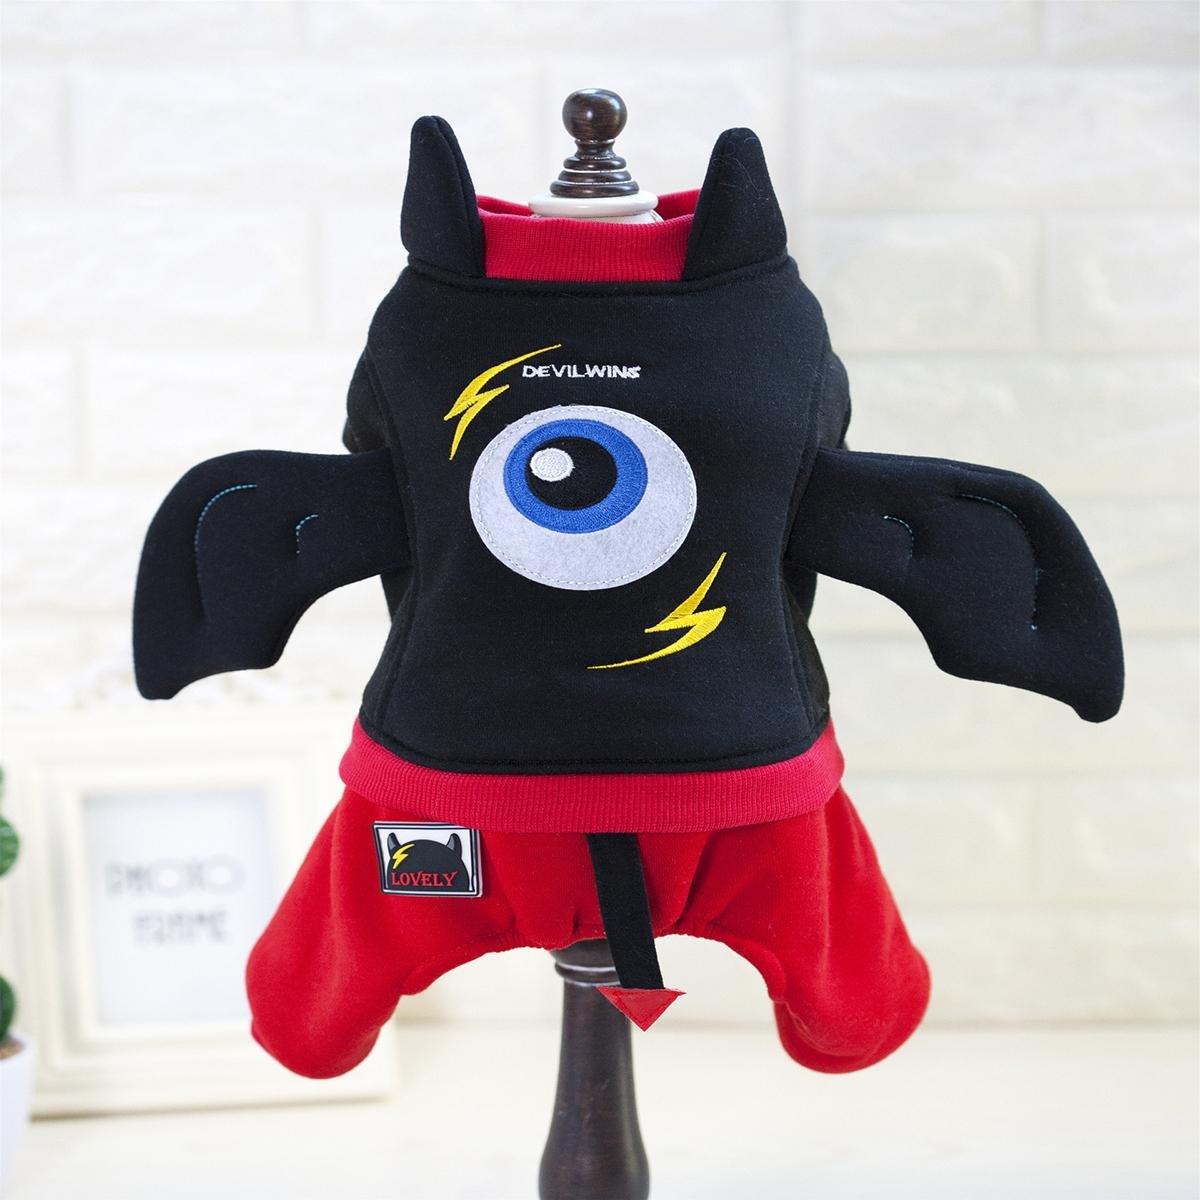 SASA Productos para Mascotas Ropa para Mascotas de Halloween Pequeño Diablo Polar Cuatro Patas Ropa de Perro Ropa de Perro de Peluche Disfraces de transfiguración, 001